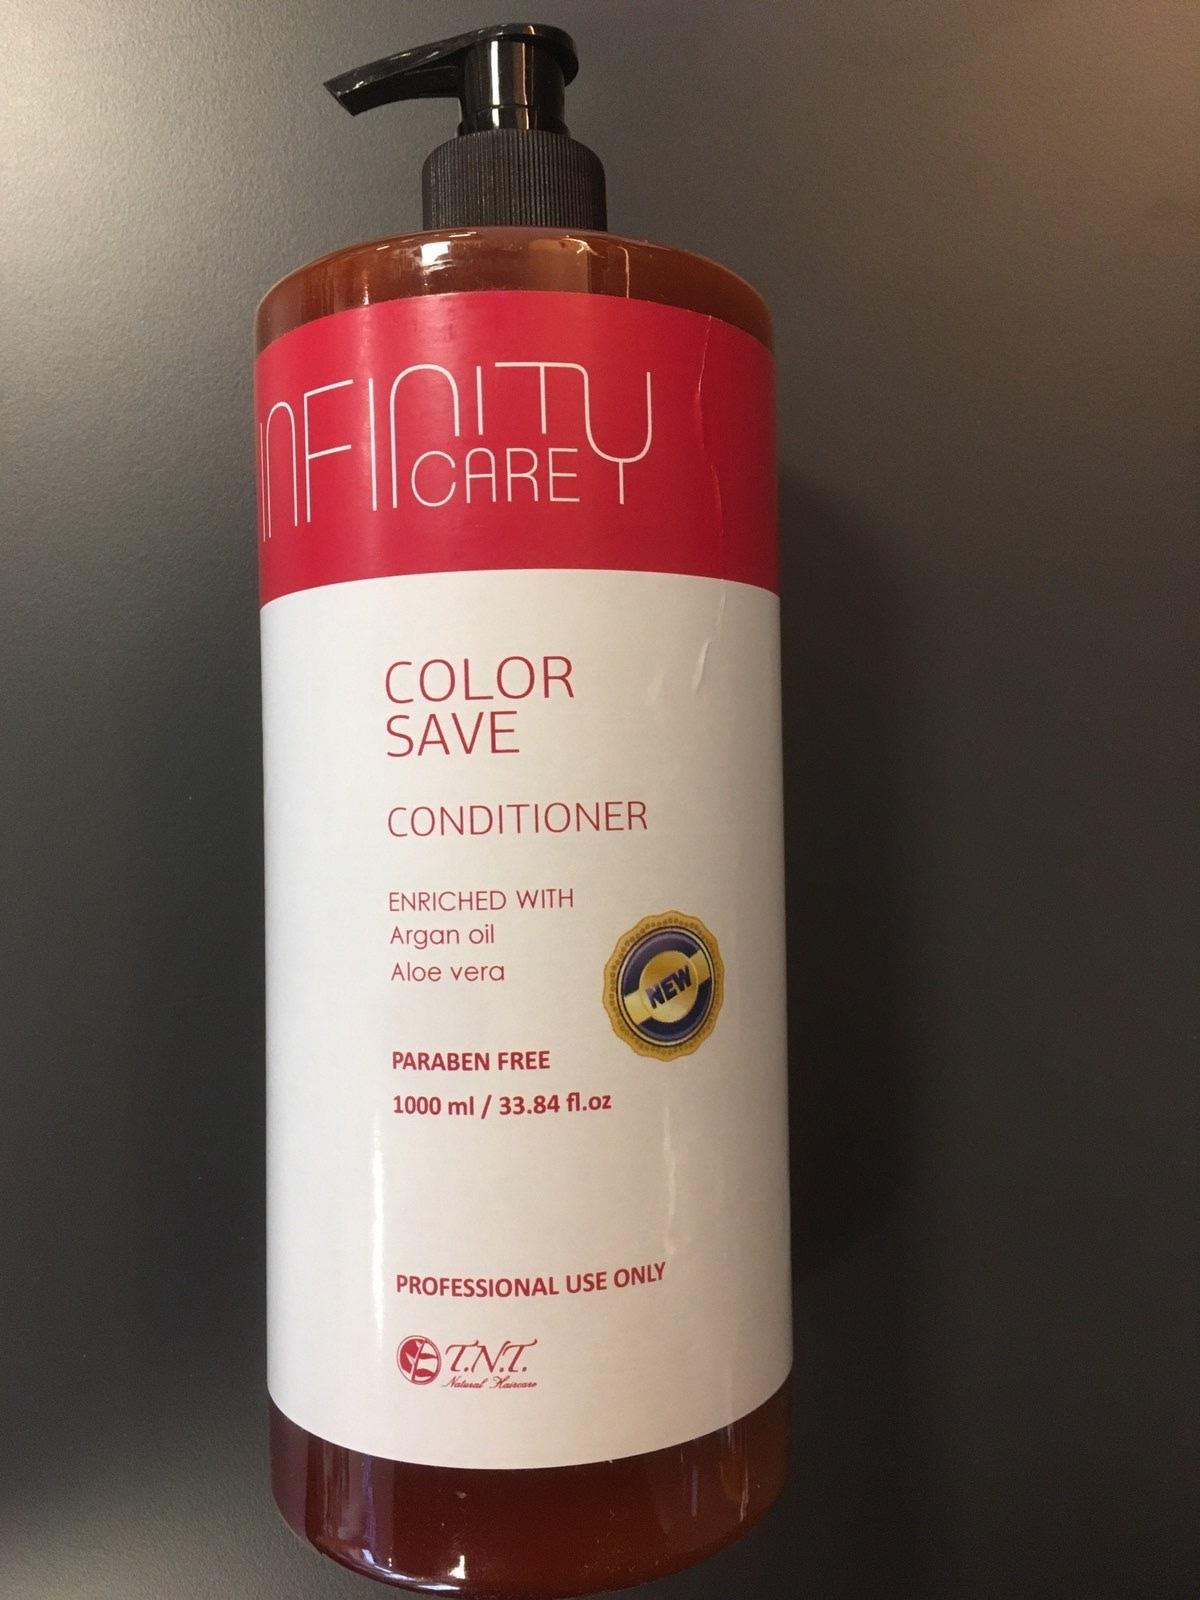 БАЛСАМ ЗА ЗАЩИТА НА ЦВЕТА ЗА БОЯДИСАНА КОСА Infinity Care Color Save Conditioner 1000ML